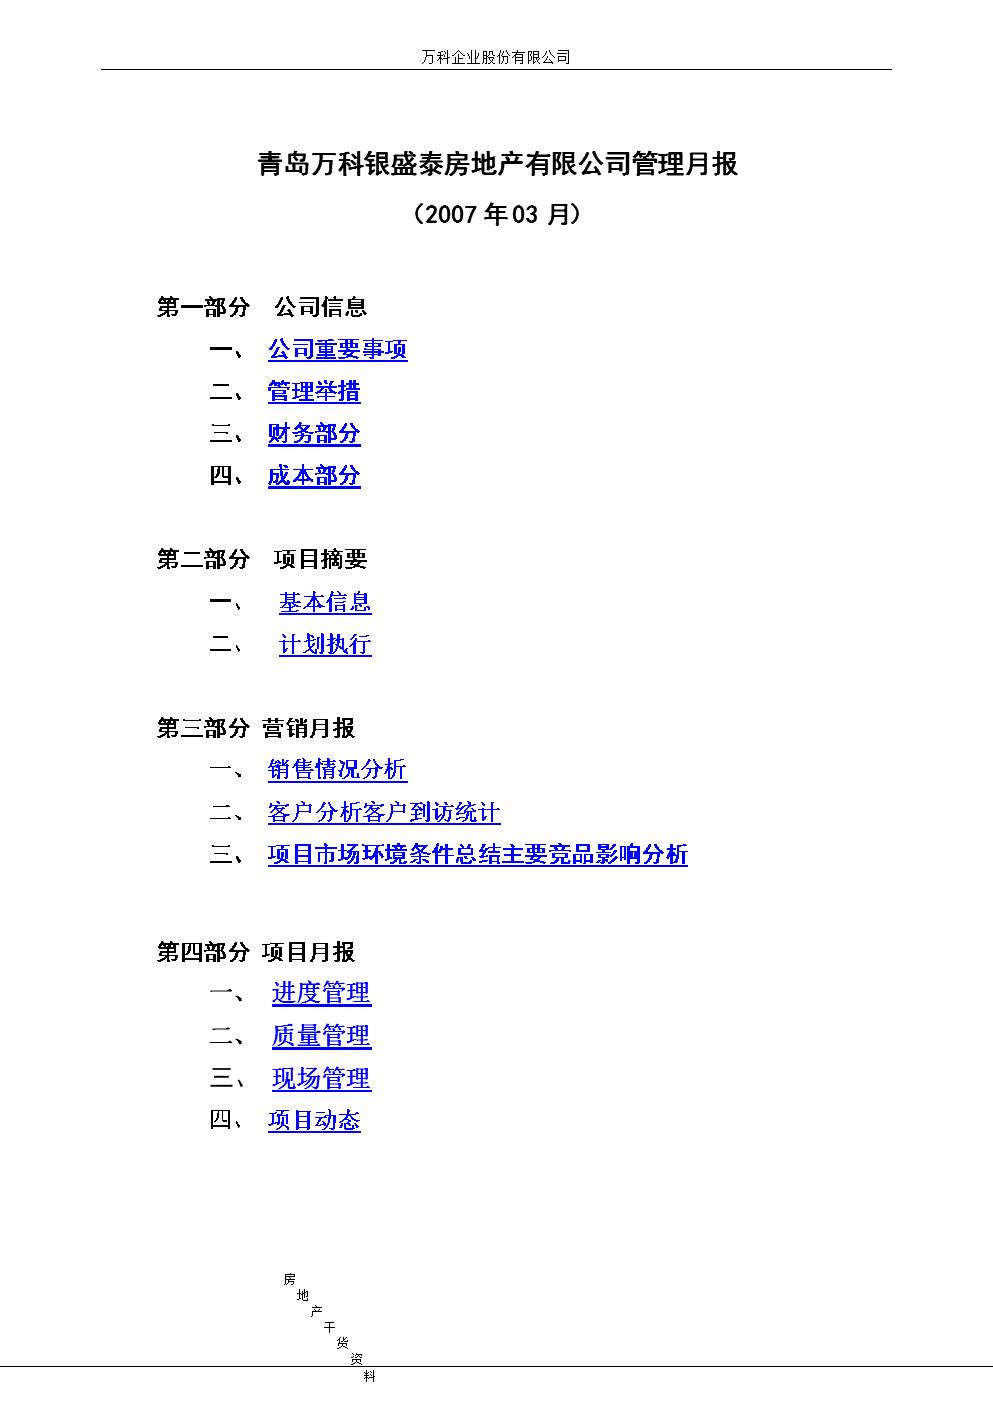 項目層面:萬科管理月報-房地產-2020_解密.docx